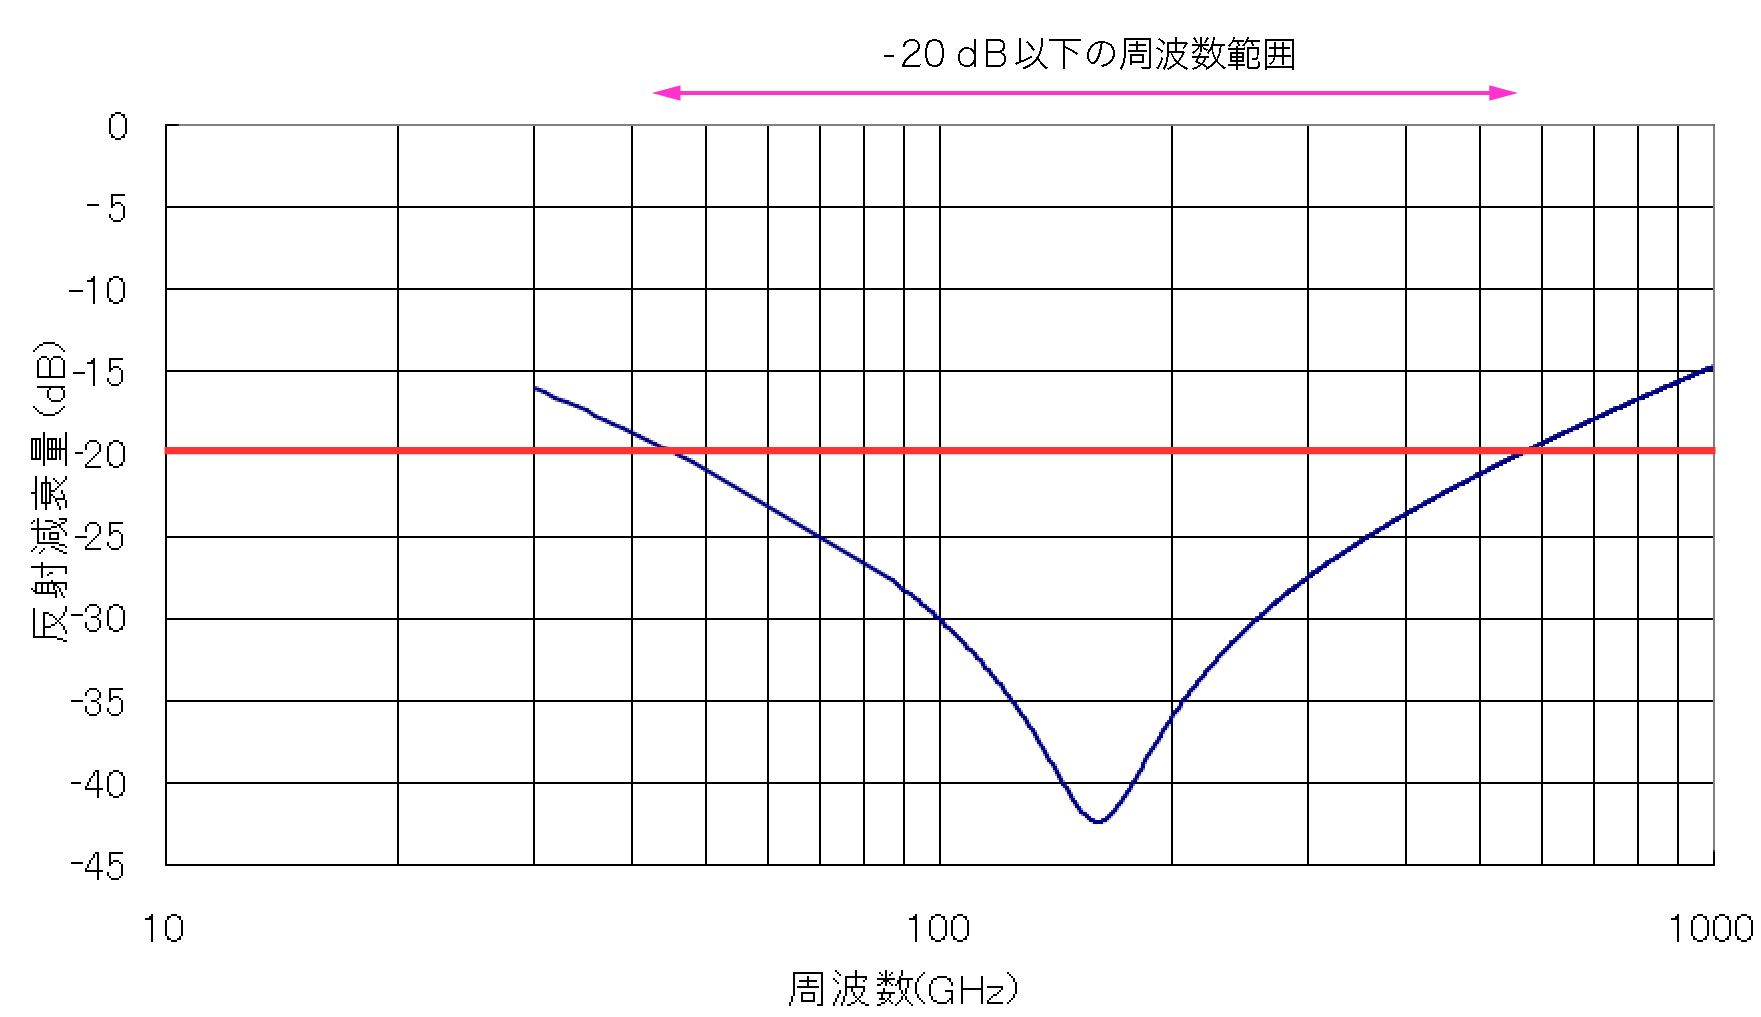 電波吸収特性の例(フェライトタイル)